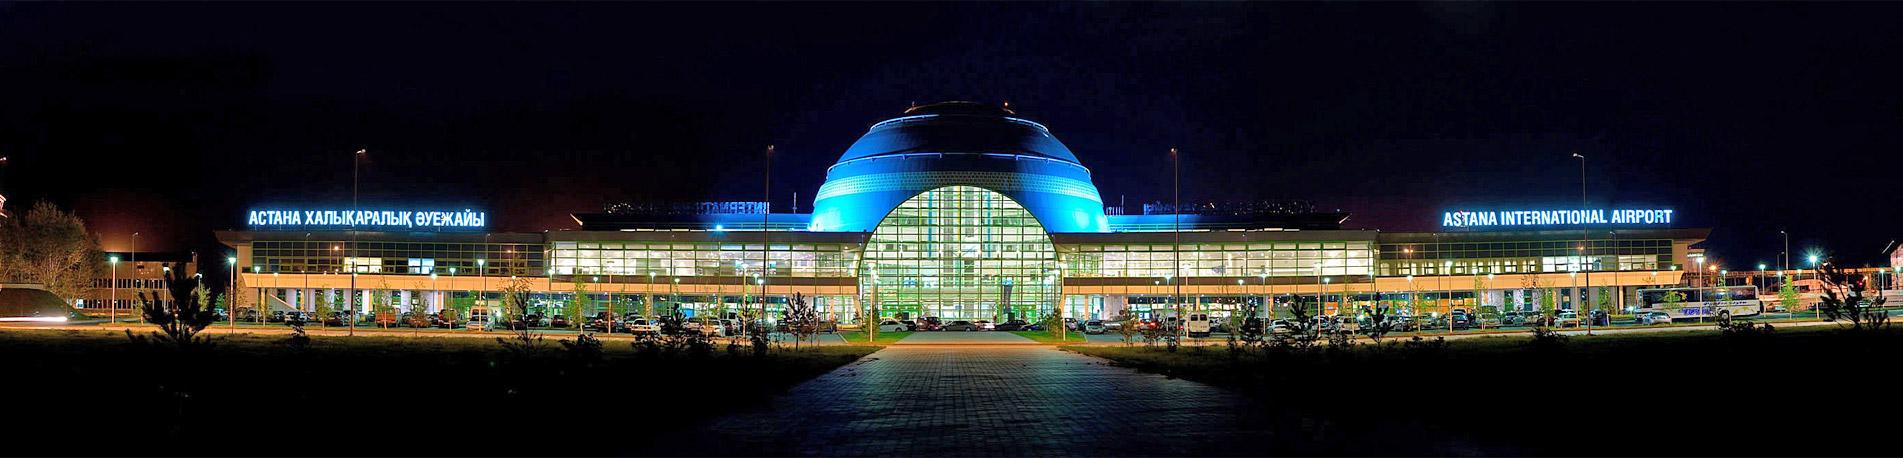 Авиа вылеты из столичного аэропорта Астана